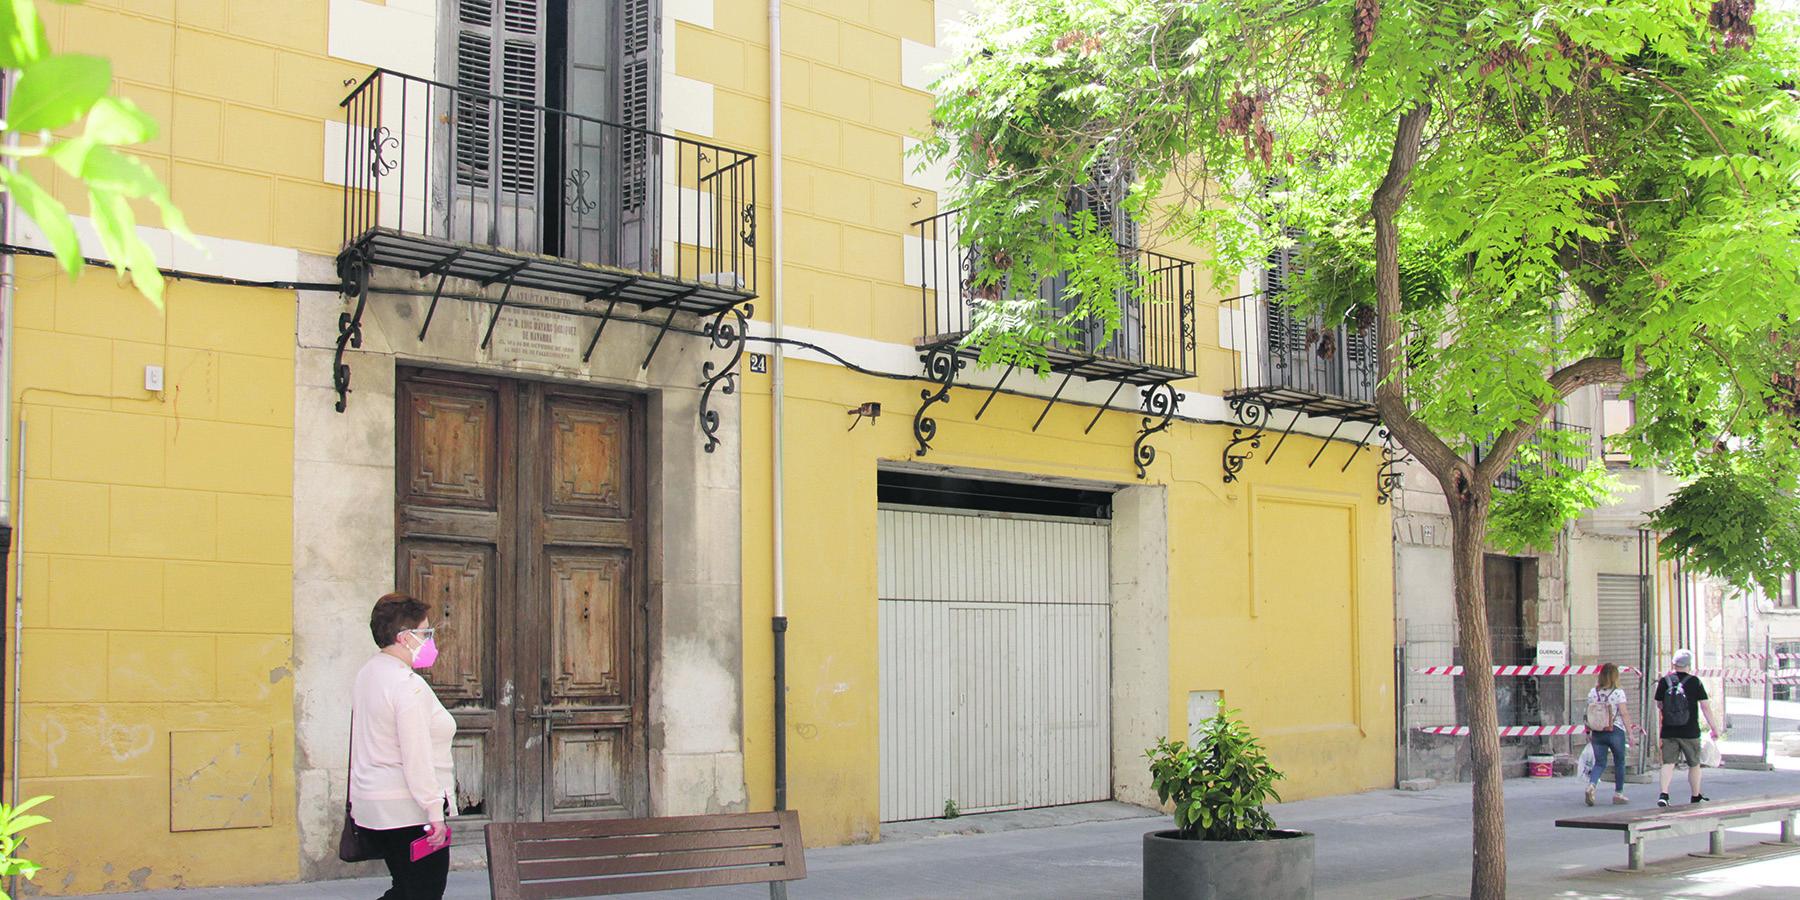 El govern local pensa en la Casa Maians com a saló de plens El Periòdic d'Ontinyent - Noticies a Ontinyent